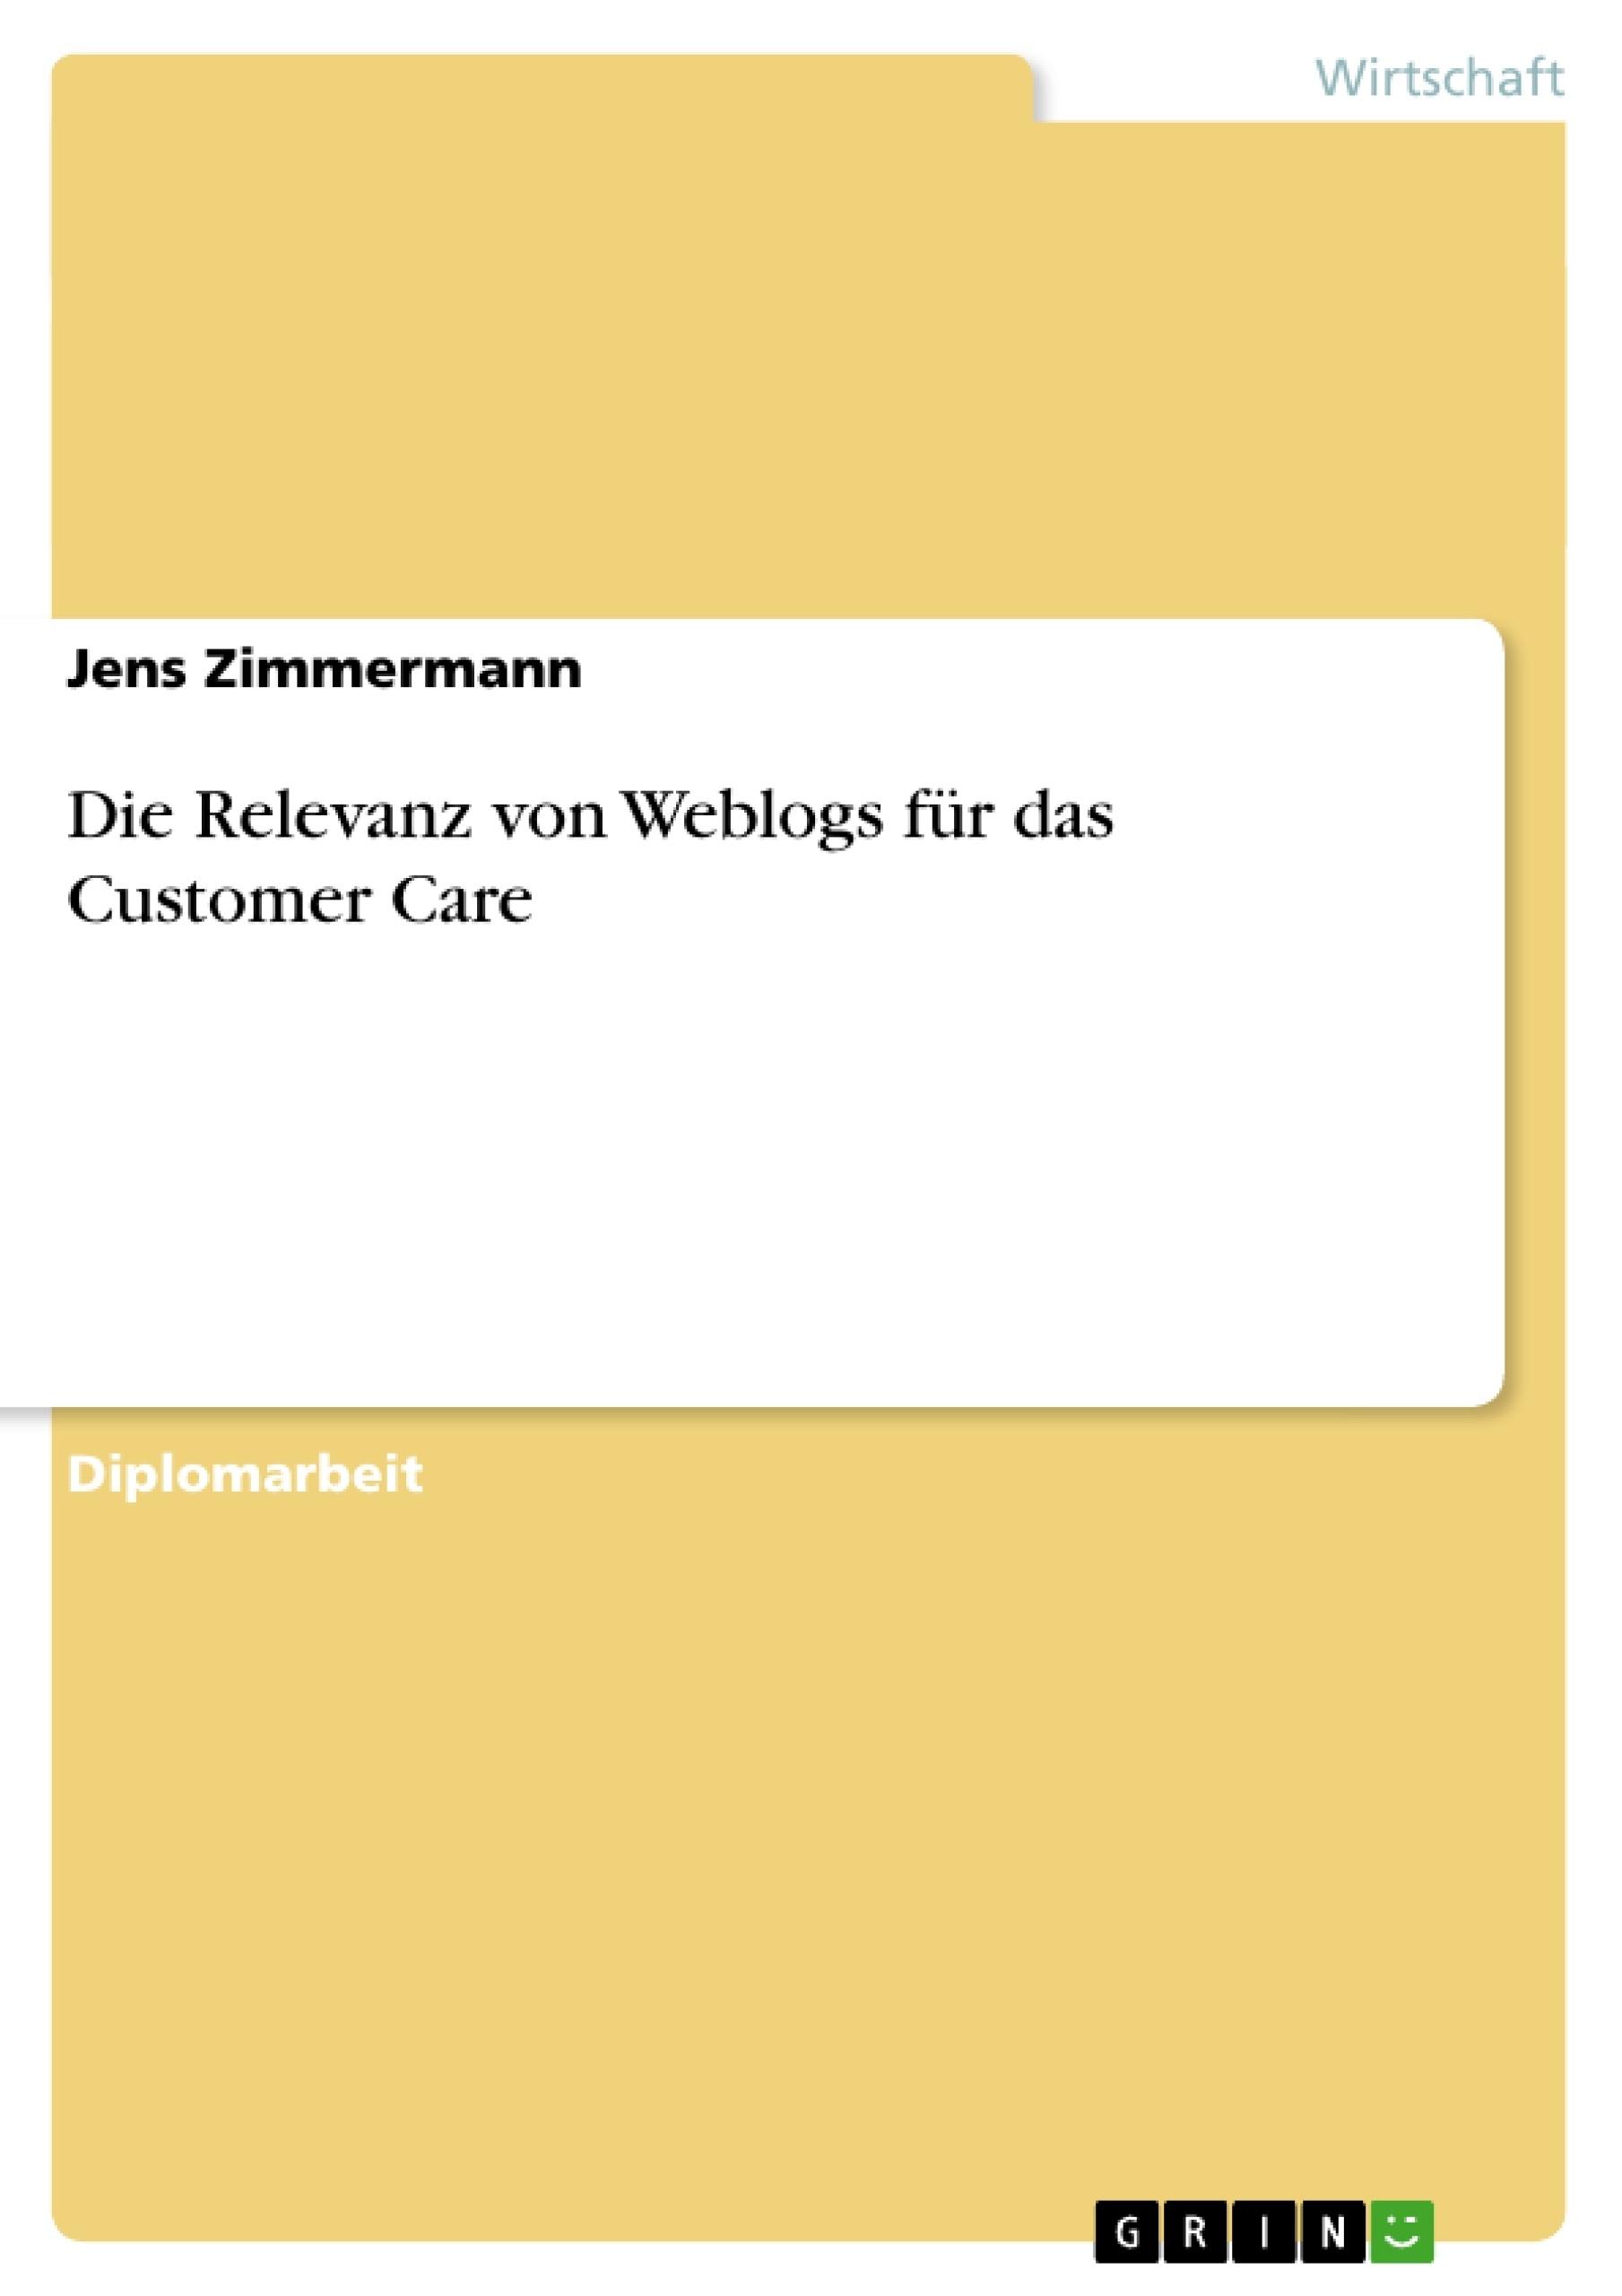 Titel: Die Relevanz von Weblogs für das Customer Care